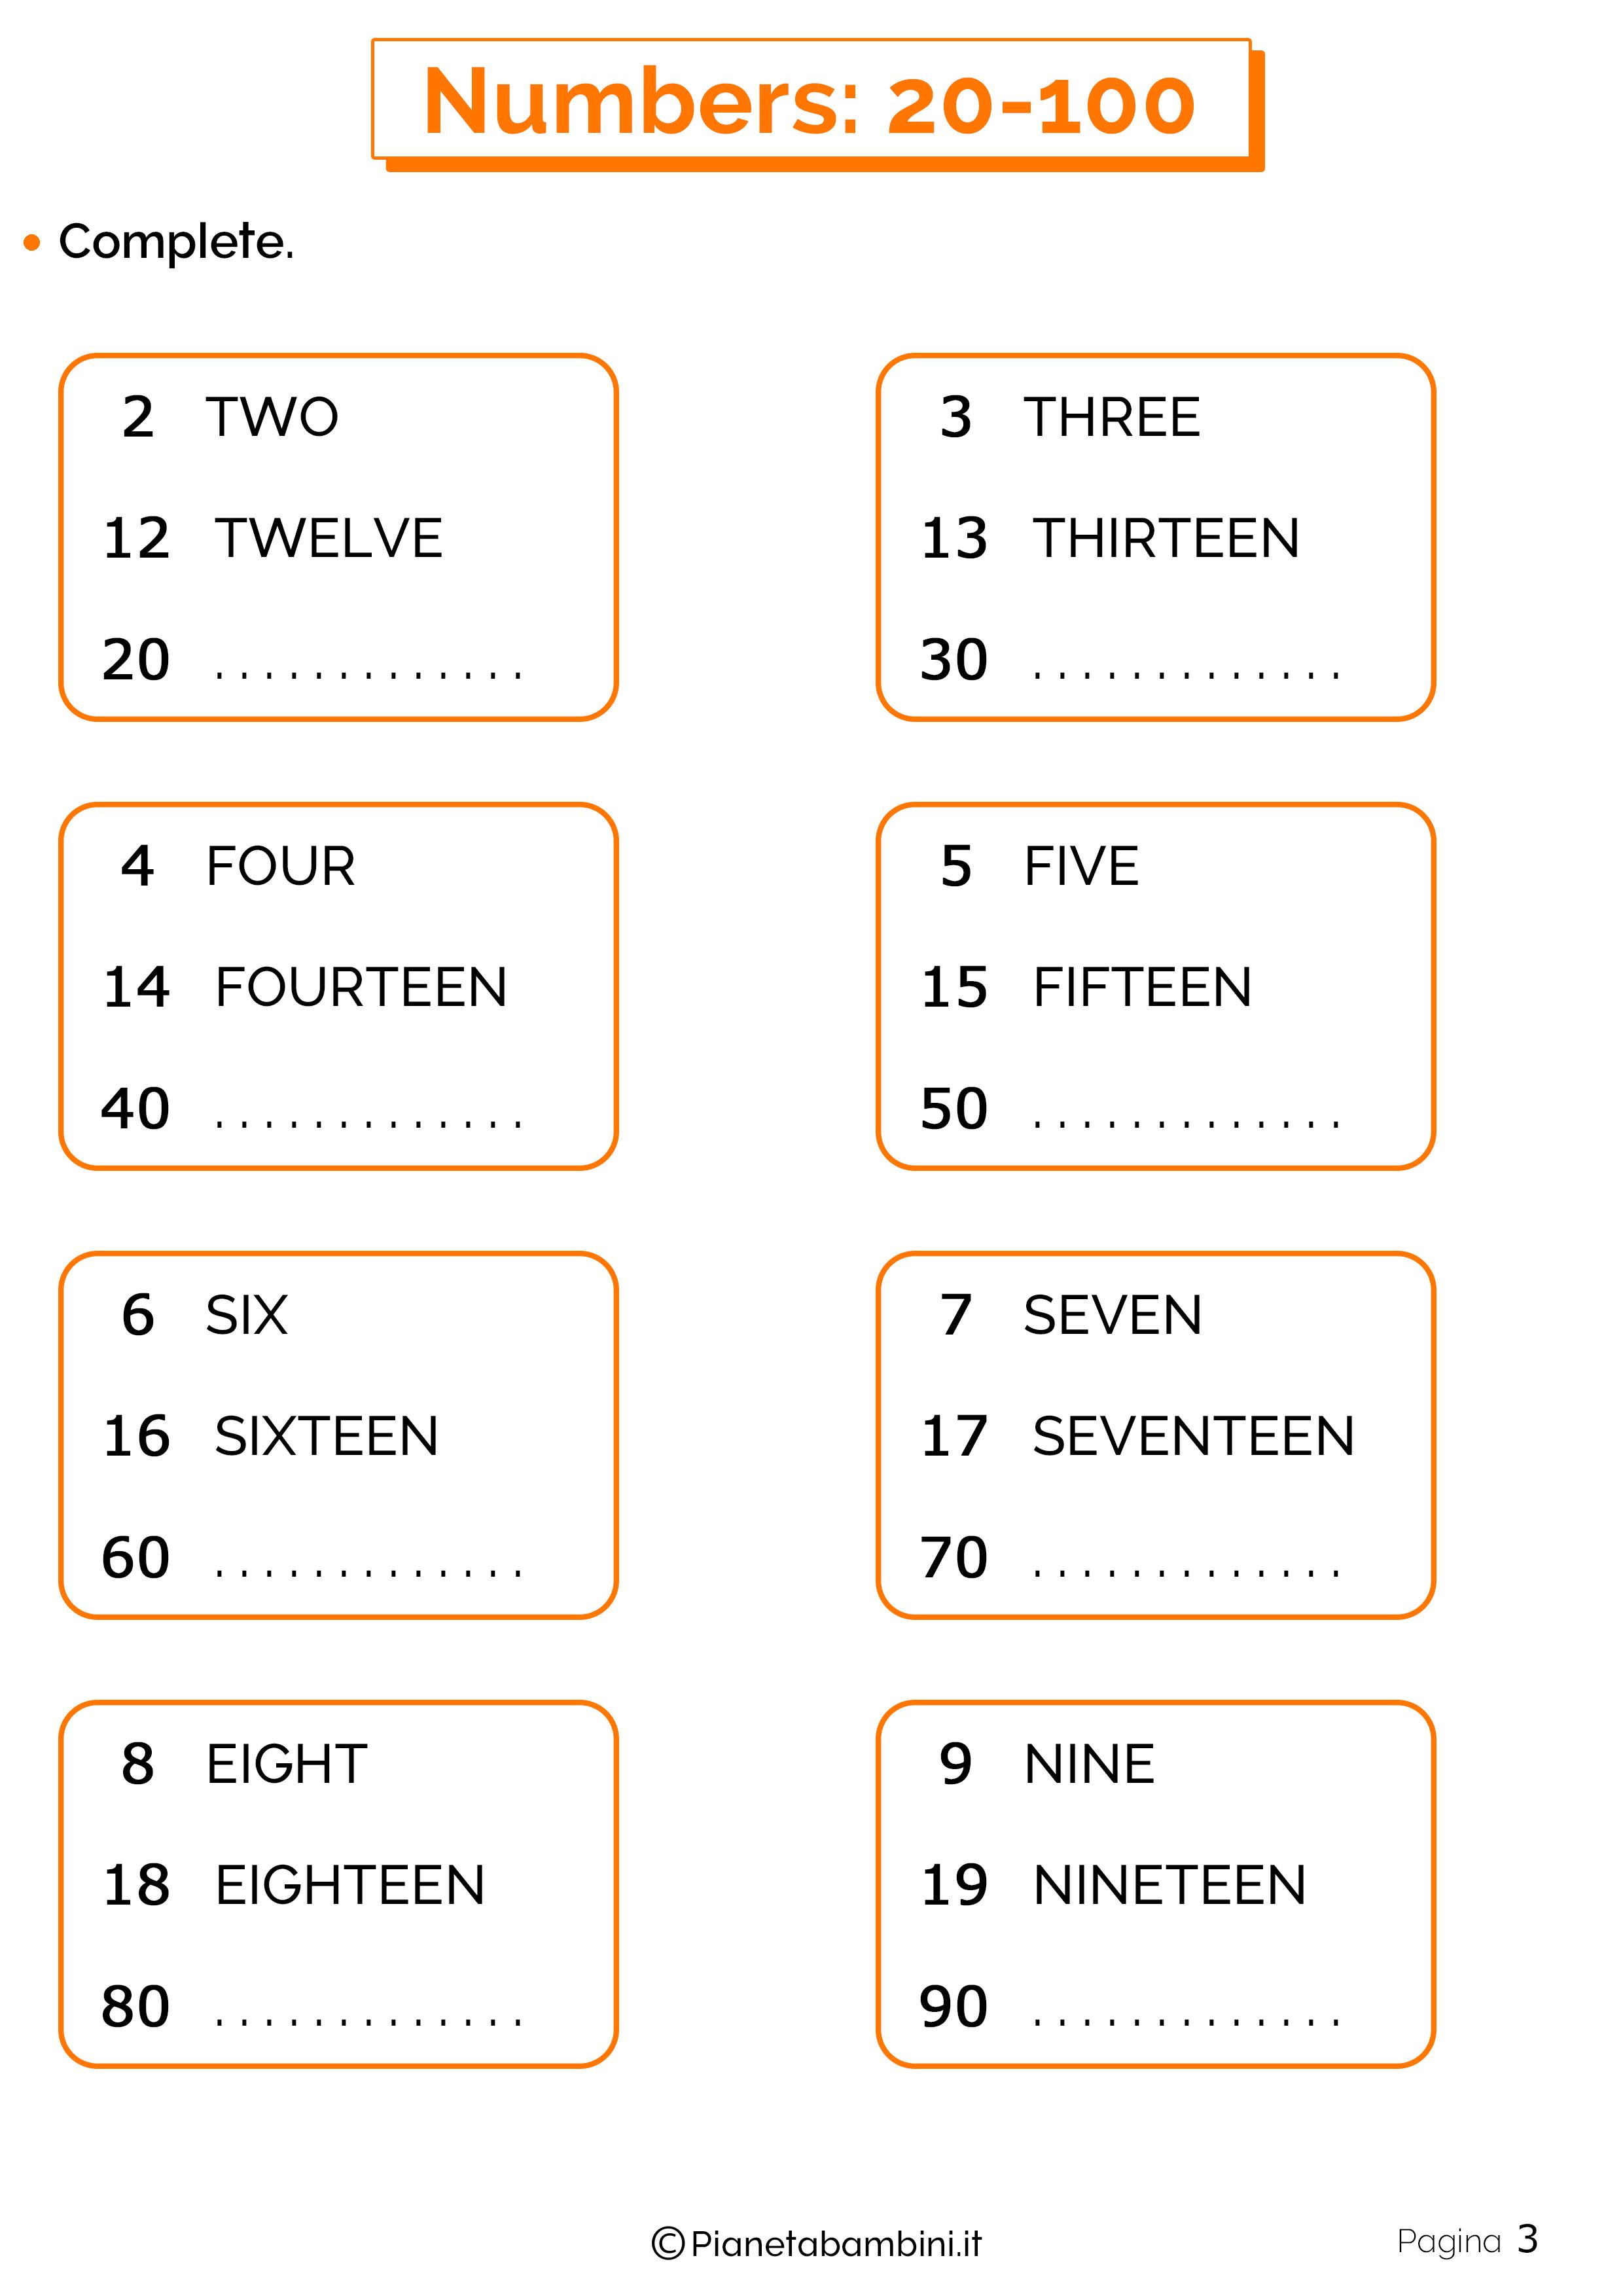 Esercizi sui numeri in inglese da 20 a 100 3